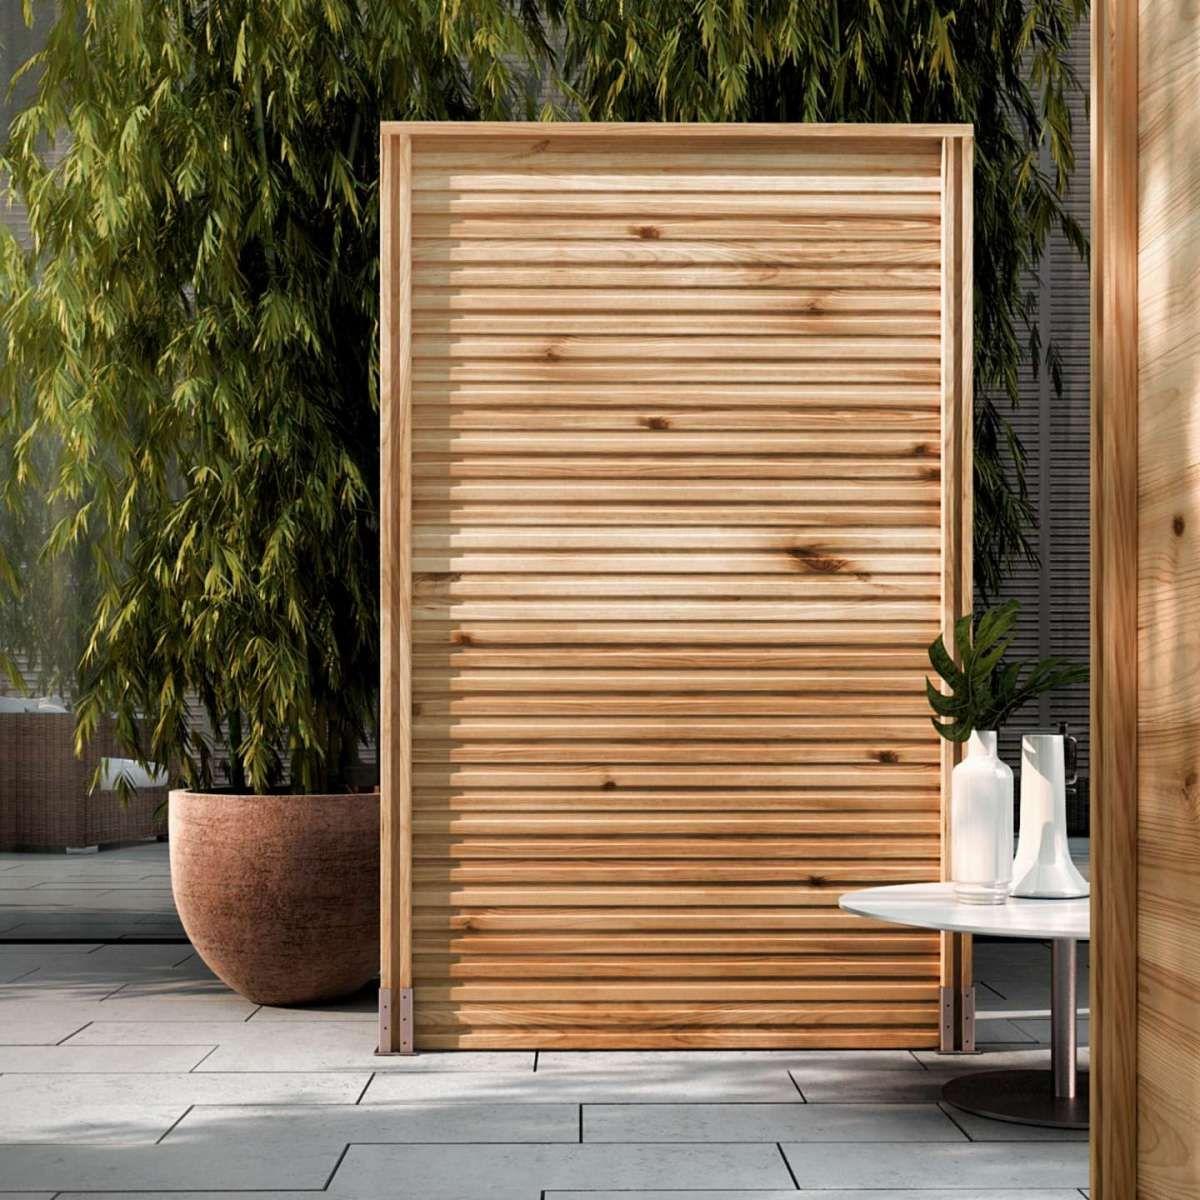 Divisori In Plastica Per Terrazzi divisori terrazzi | divisorio giardino fai da te